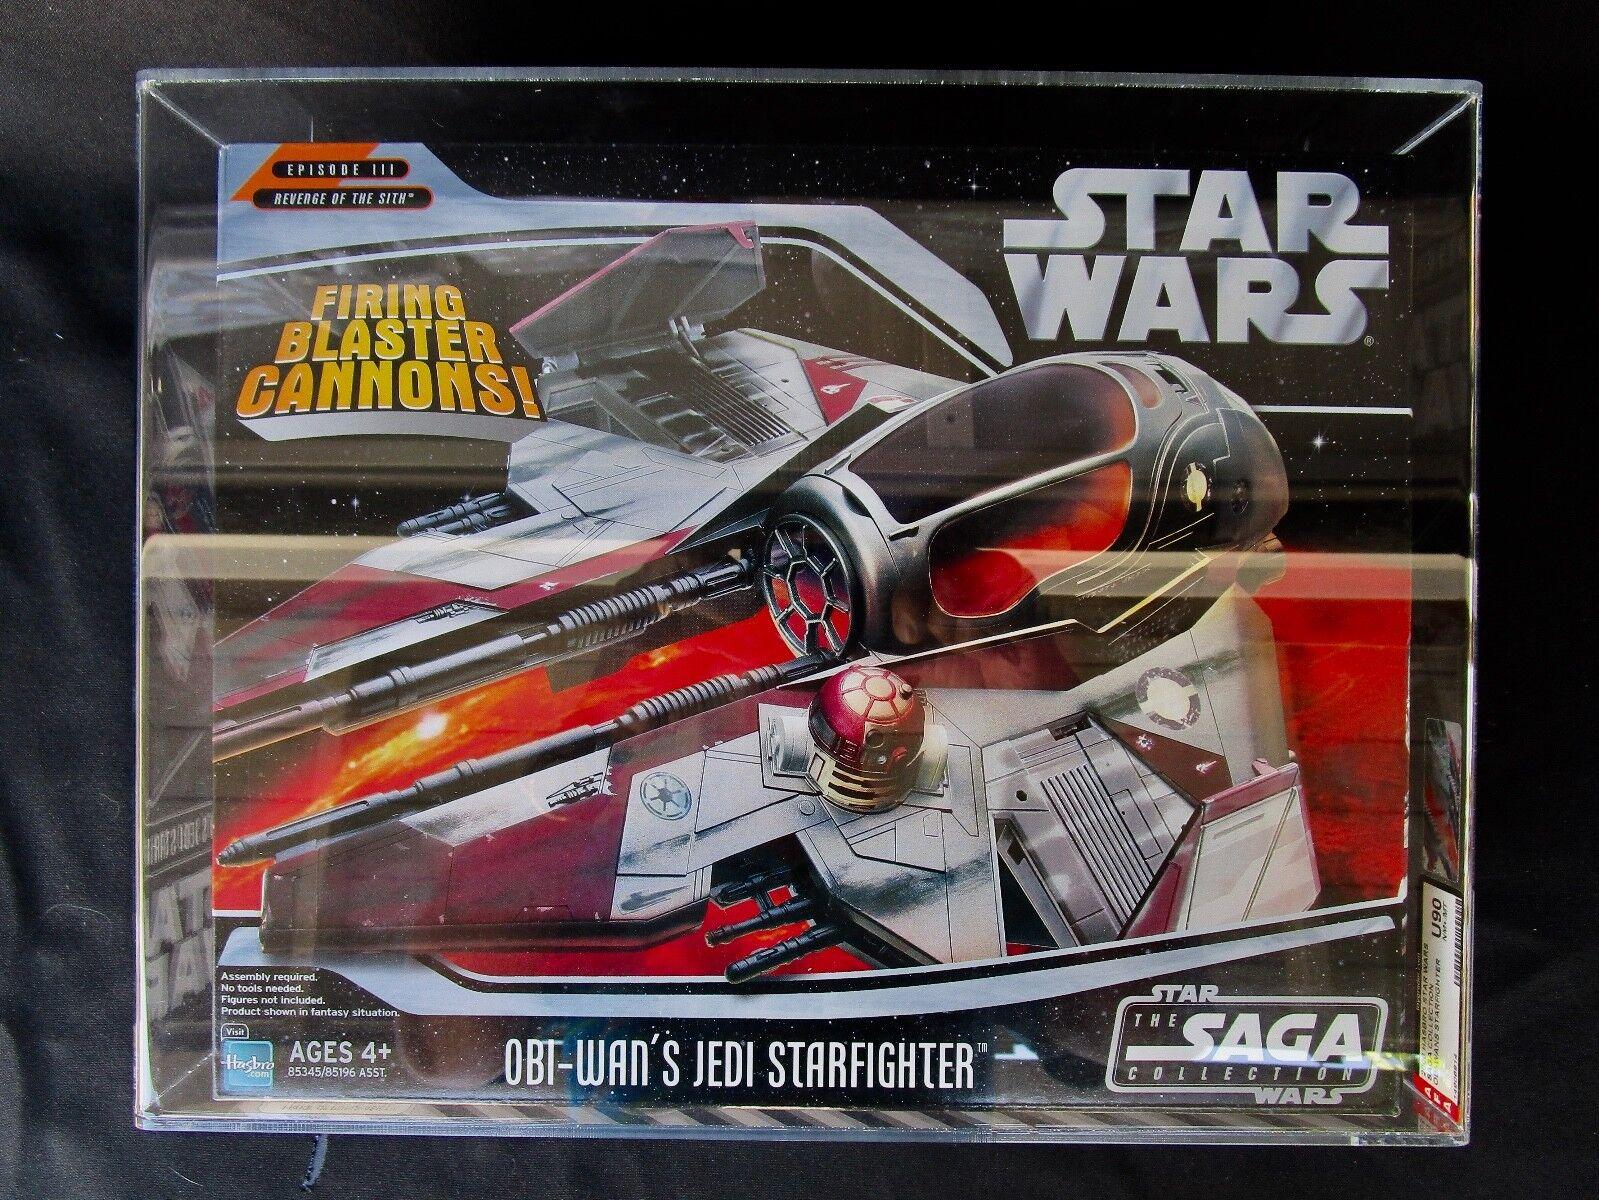 Star Wars 2006 Saga Collection Obi Wan Starfighter AFA Sealed MIB BOX